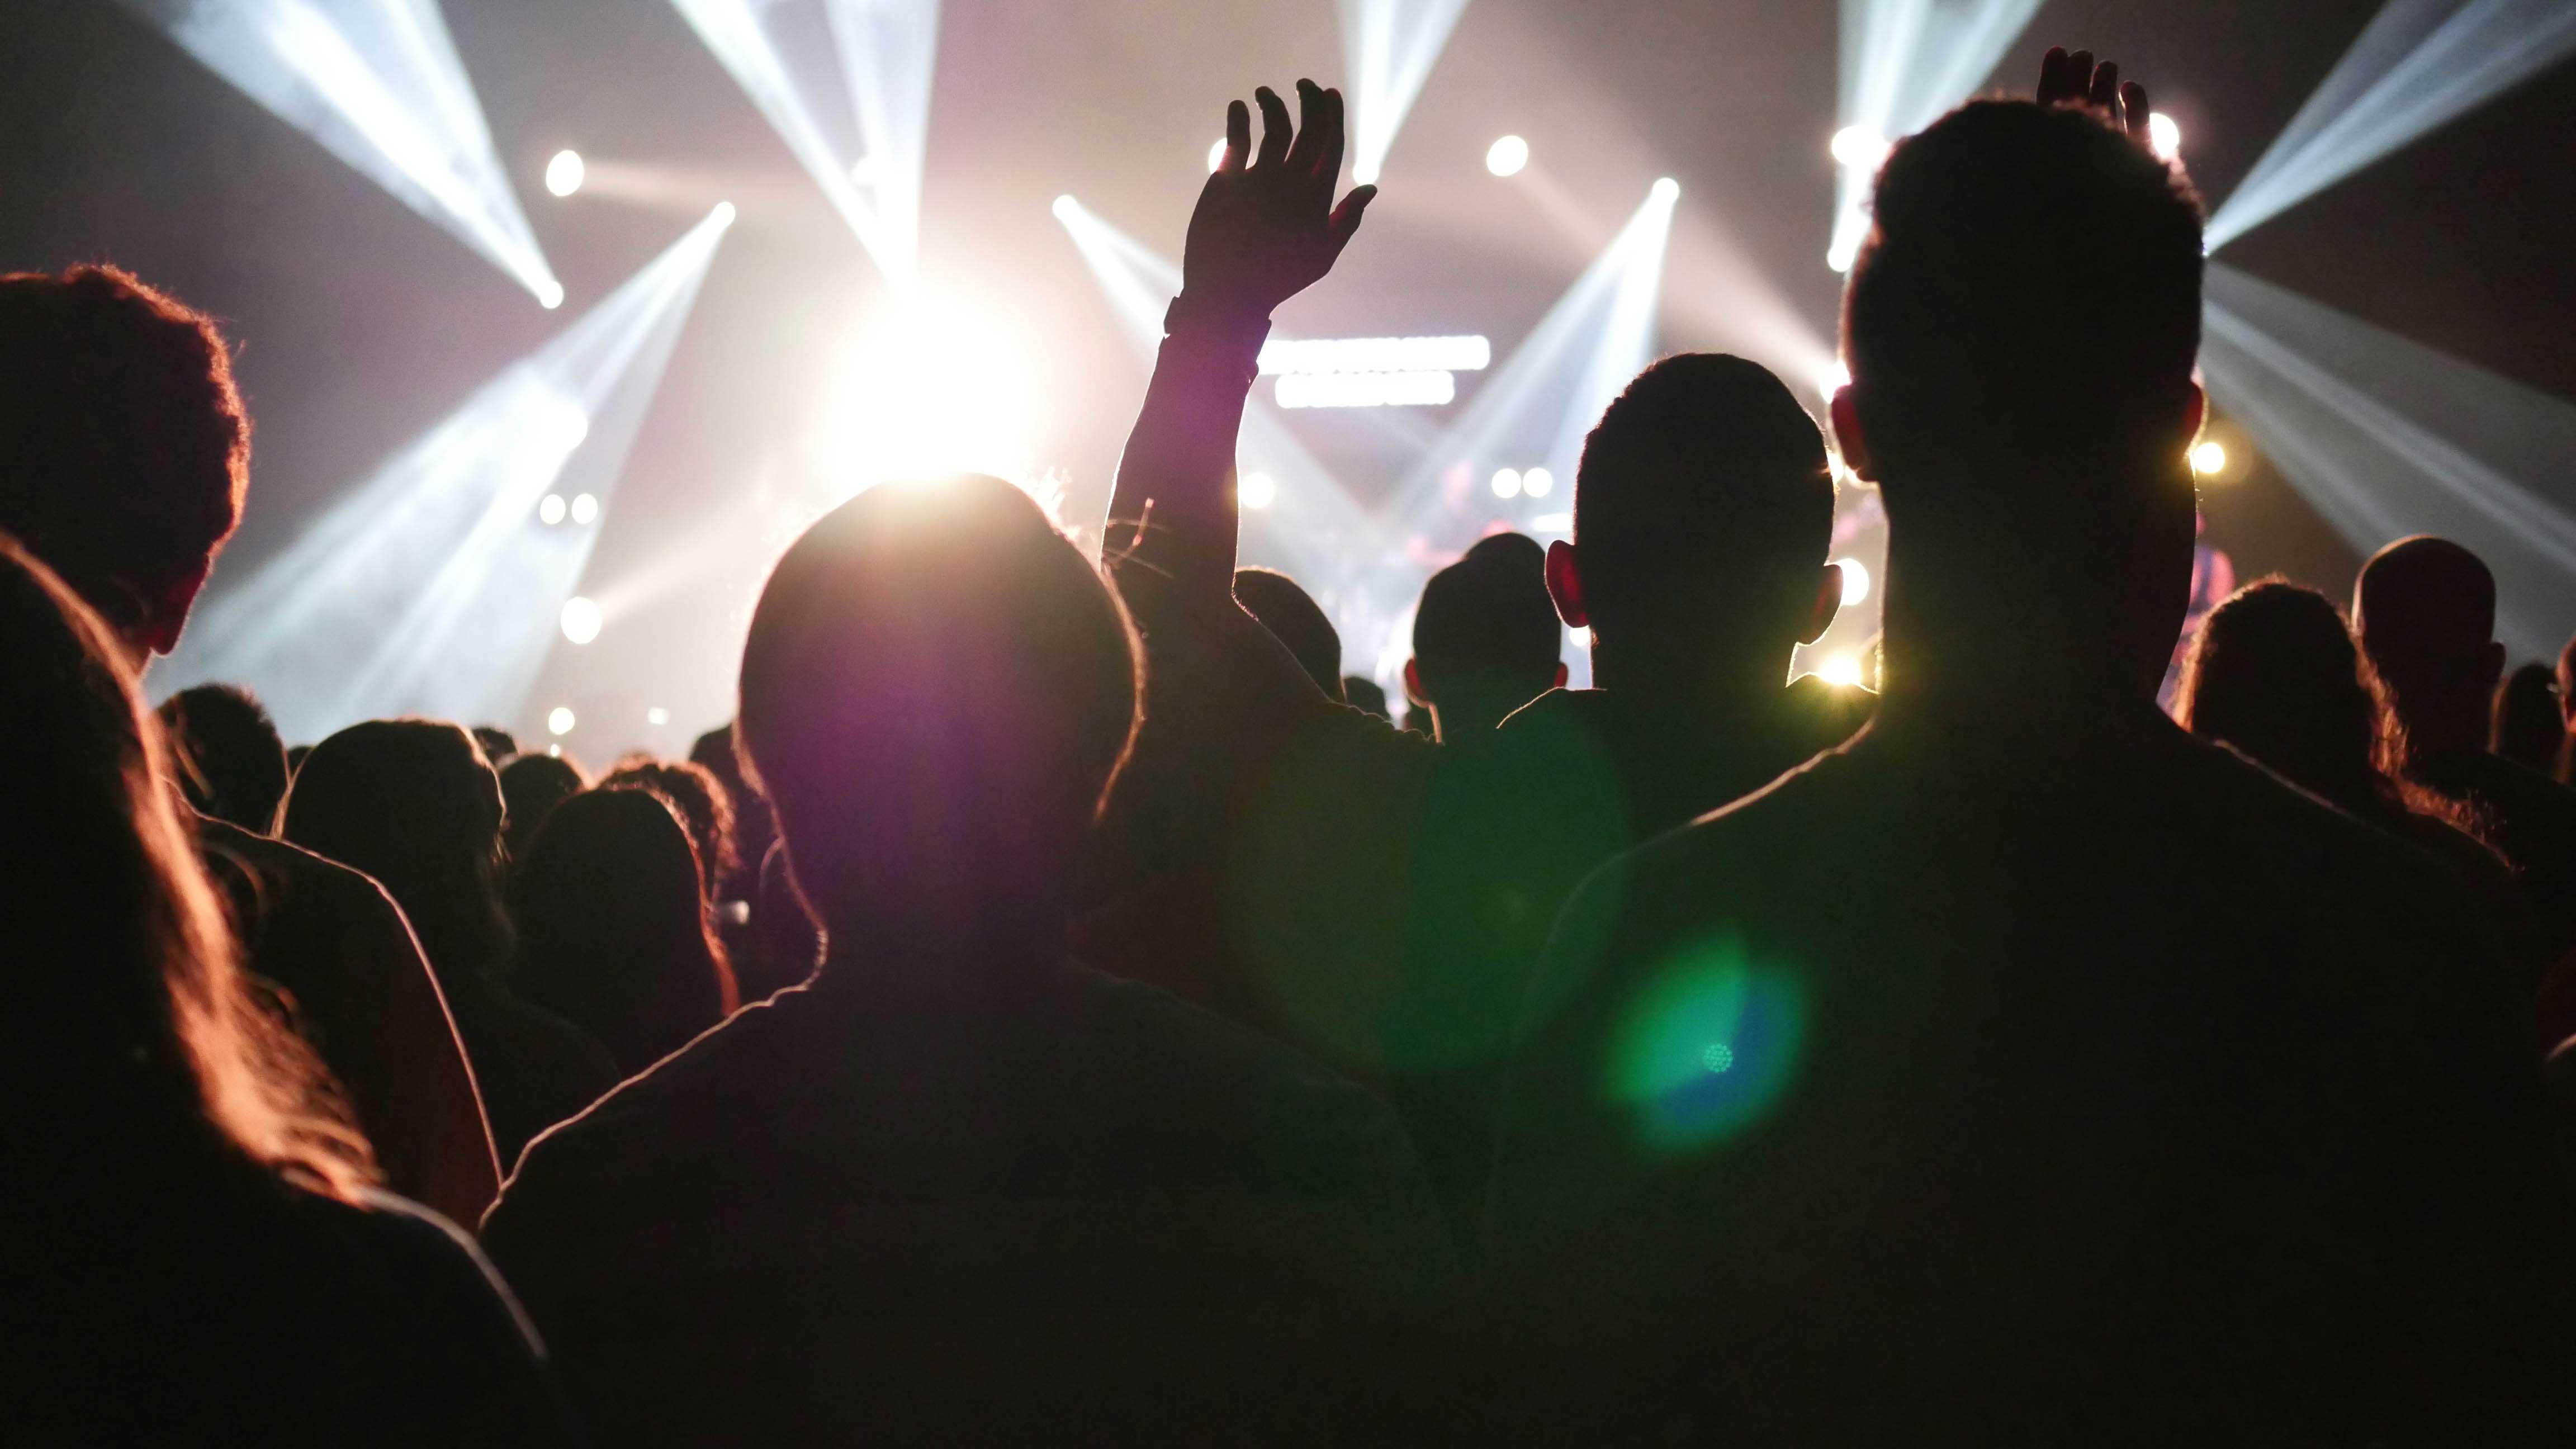 Visão da plateia de um show de rock